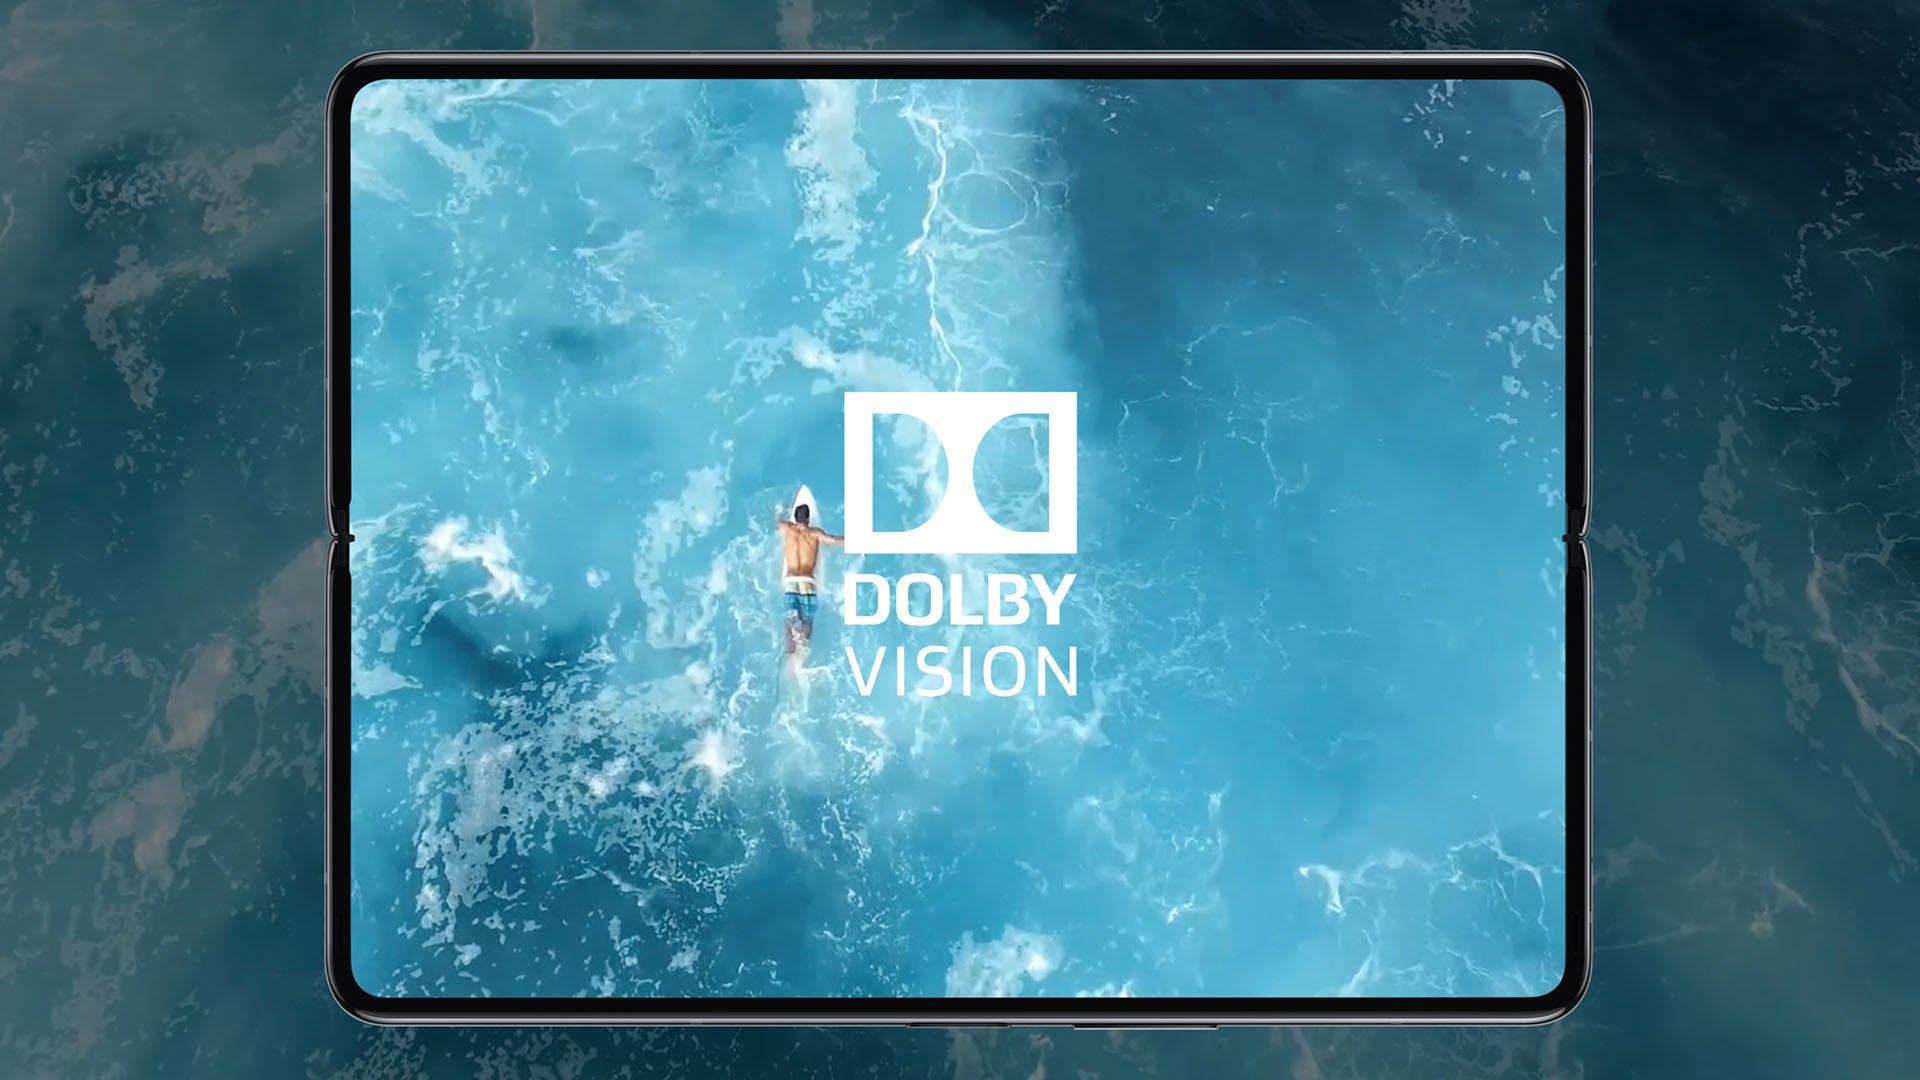 Mi Mix Fold Display